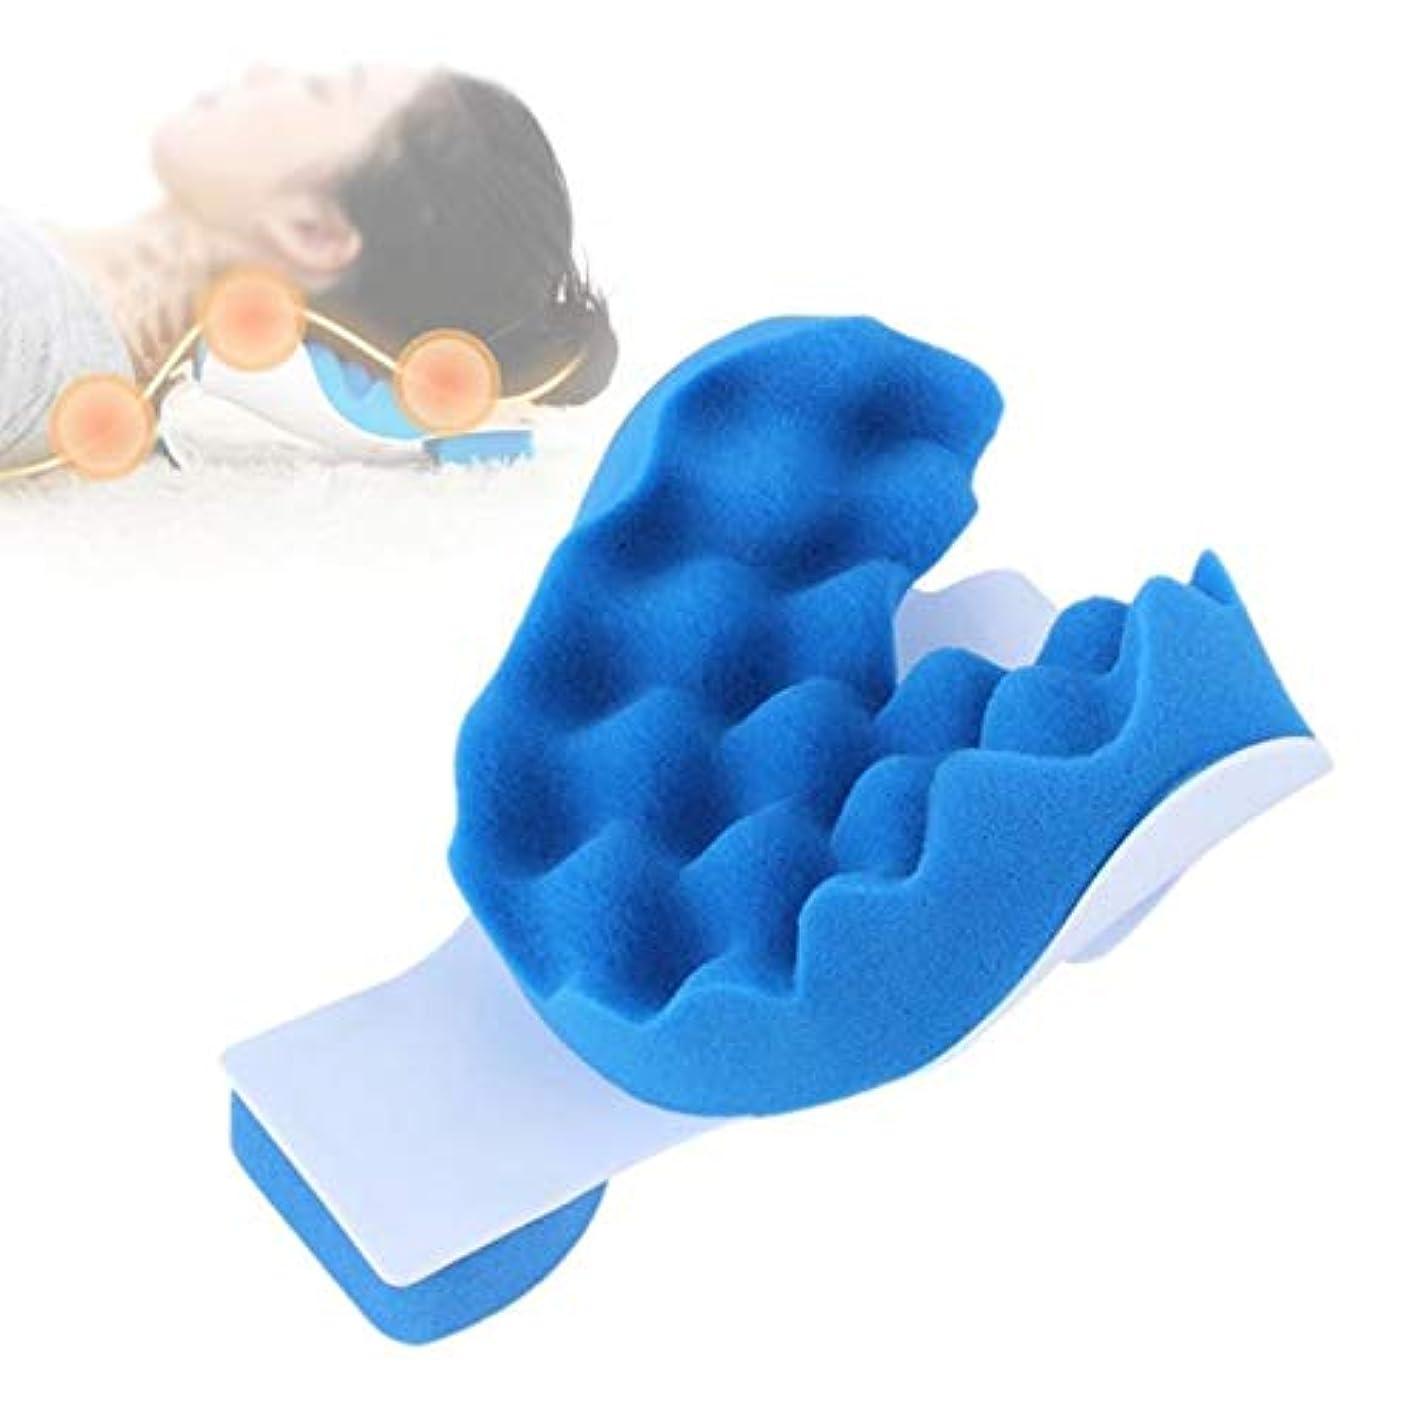 無能戦術強打ixaer 首と肩マッサージ枕 首枕 クッション マッサージまくら 首 肩こり 解消 疲労と痛みの軽減 マッサージ牽引枕 男女兼用